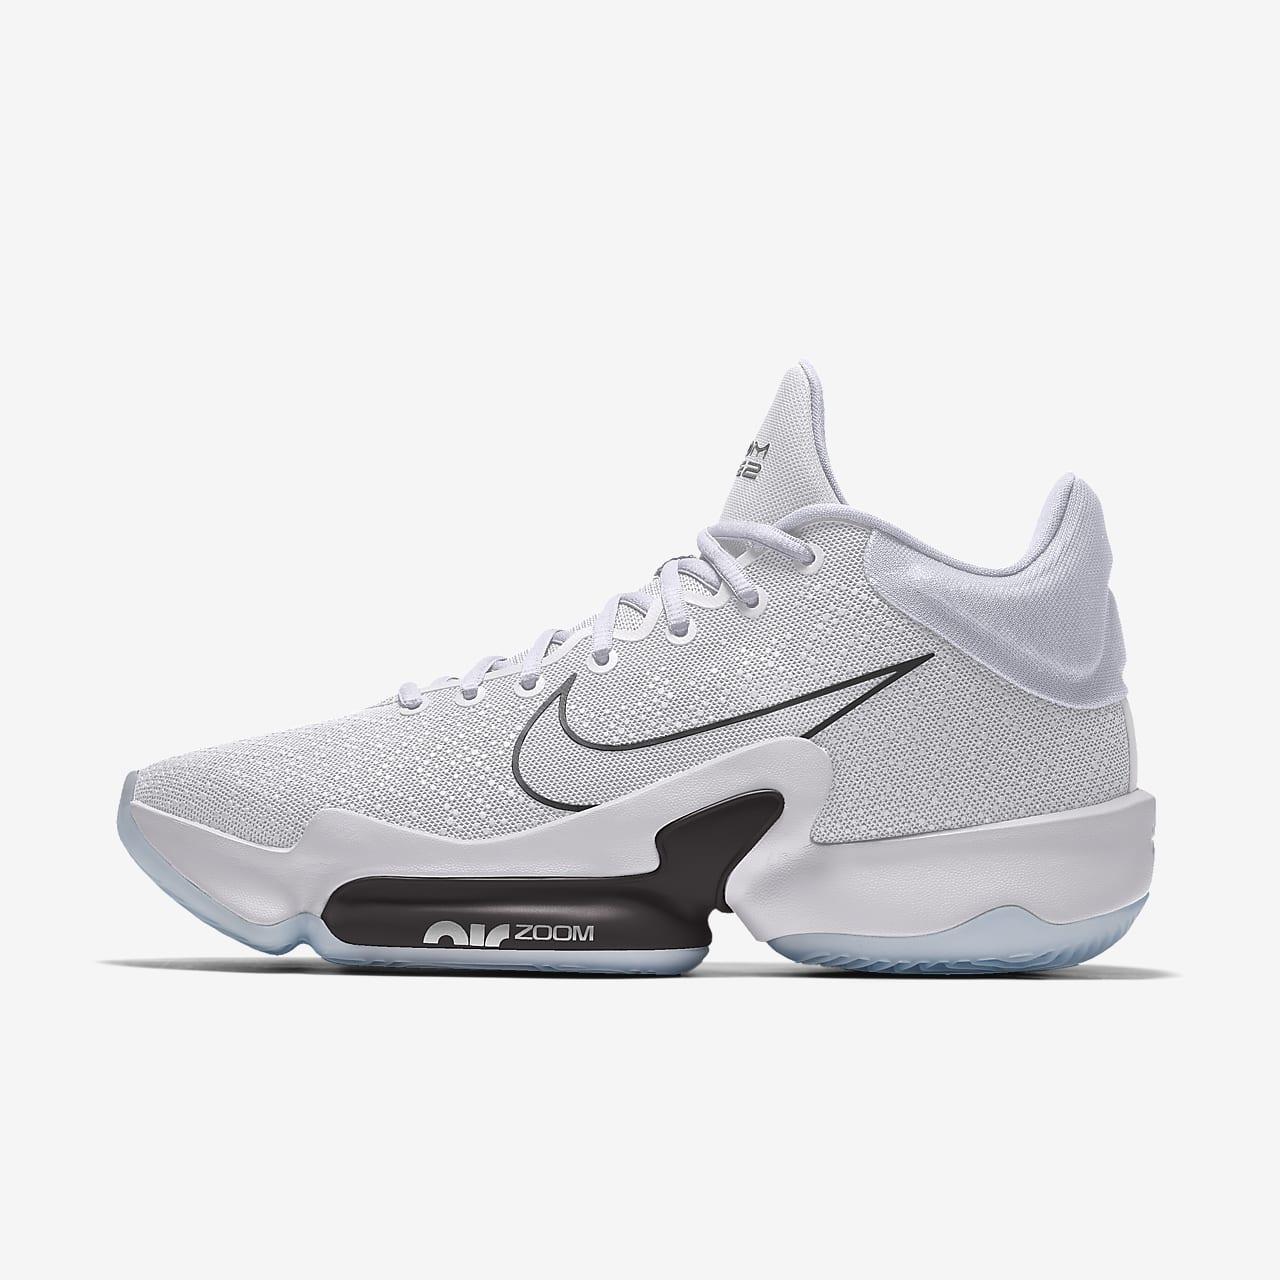 รองเท้าบาสเก็ตบอลออกแบบเอง Nike Zoom Rize 2 By You